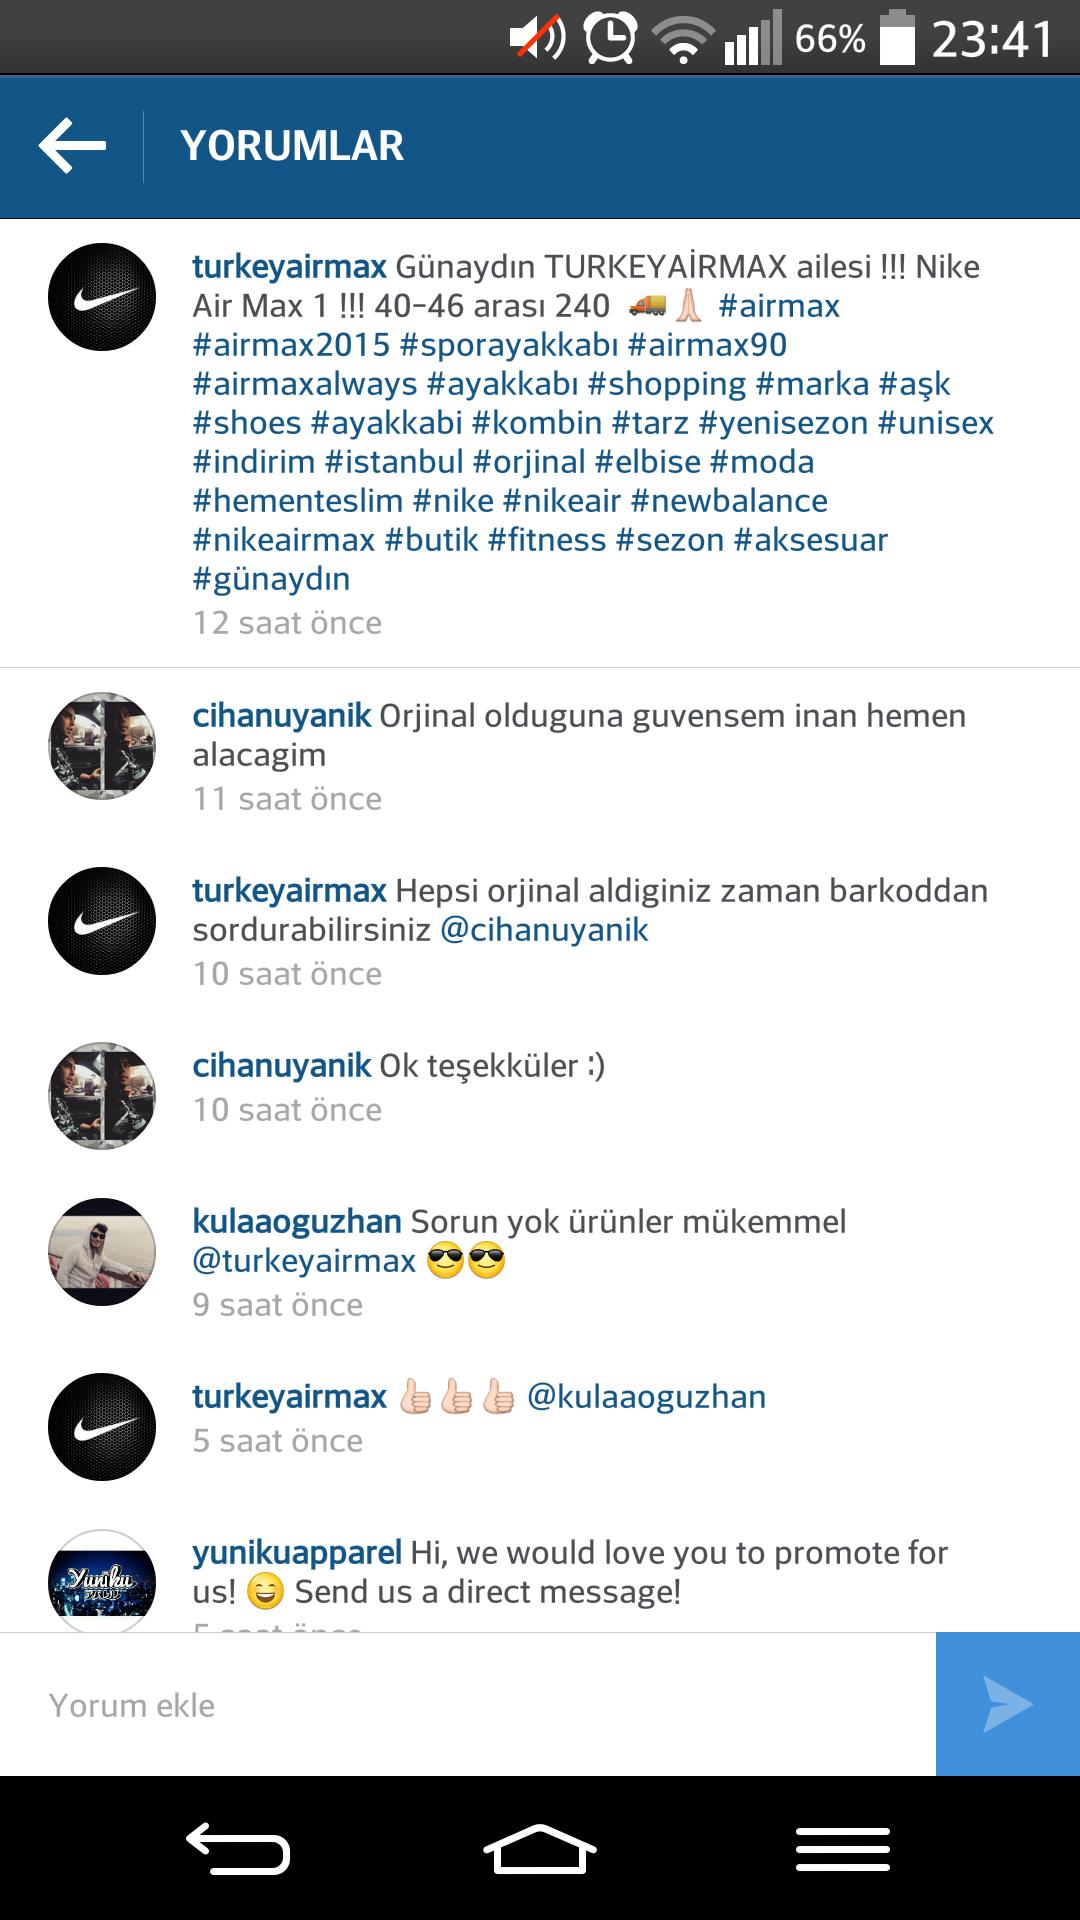 Instagram Airmax Hk Sayfa 1 2